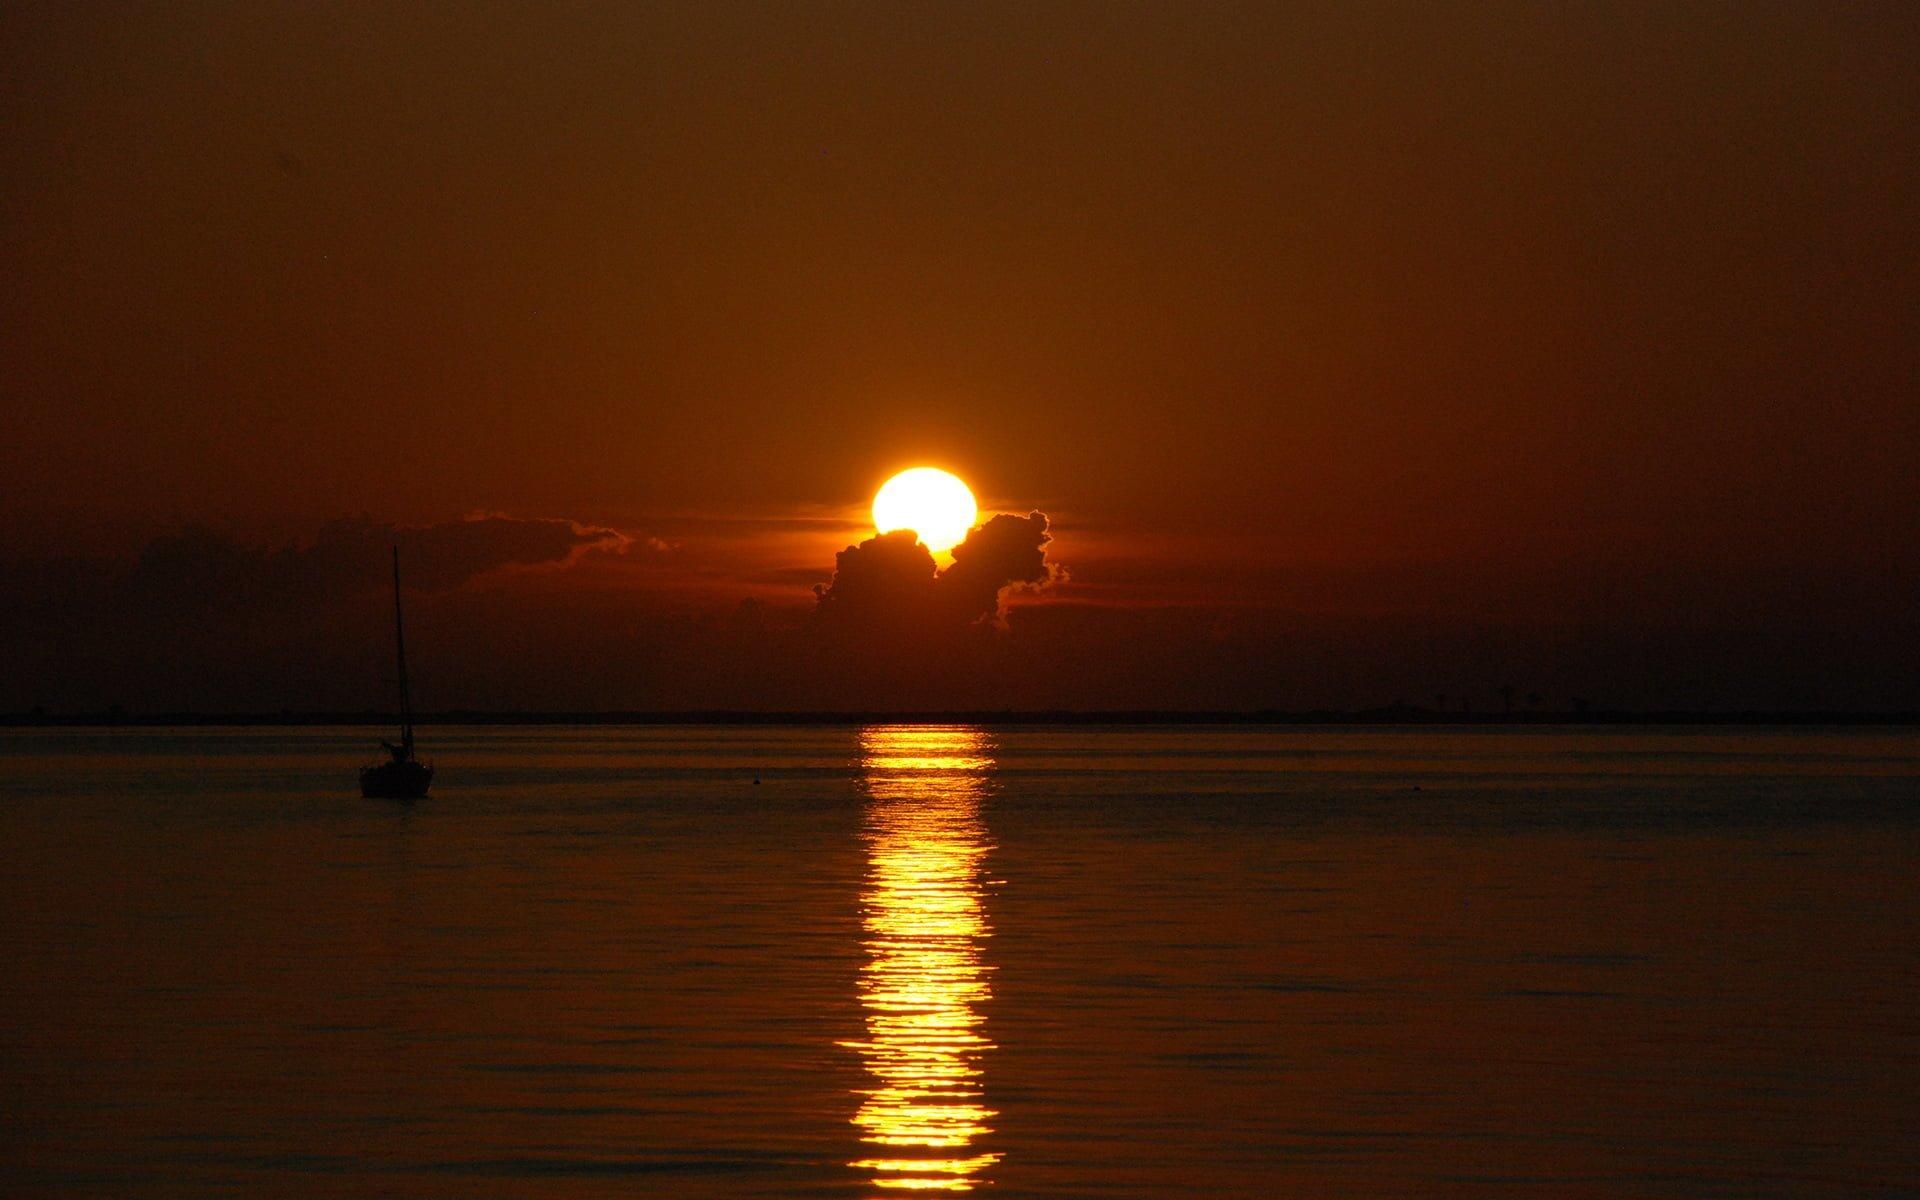 gün batımı ve yelkenli